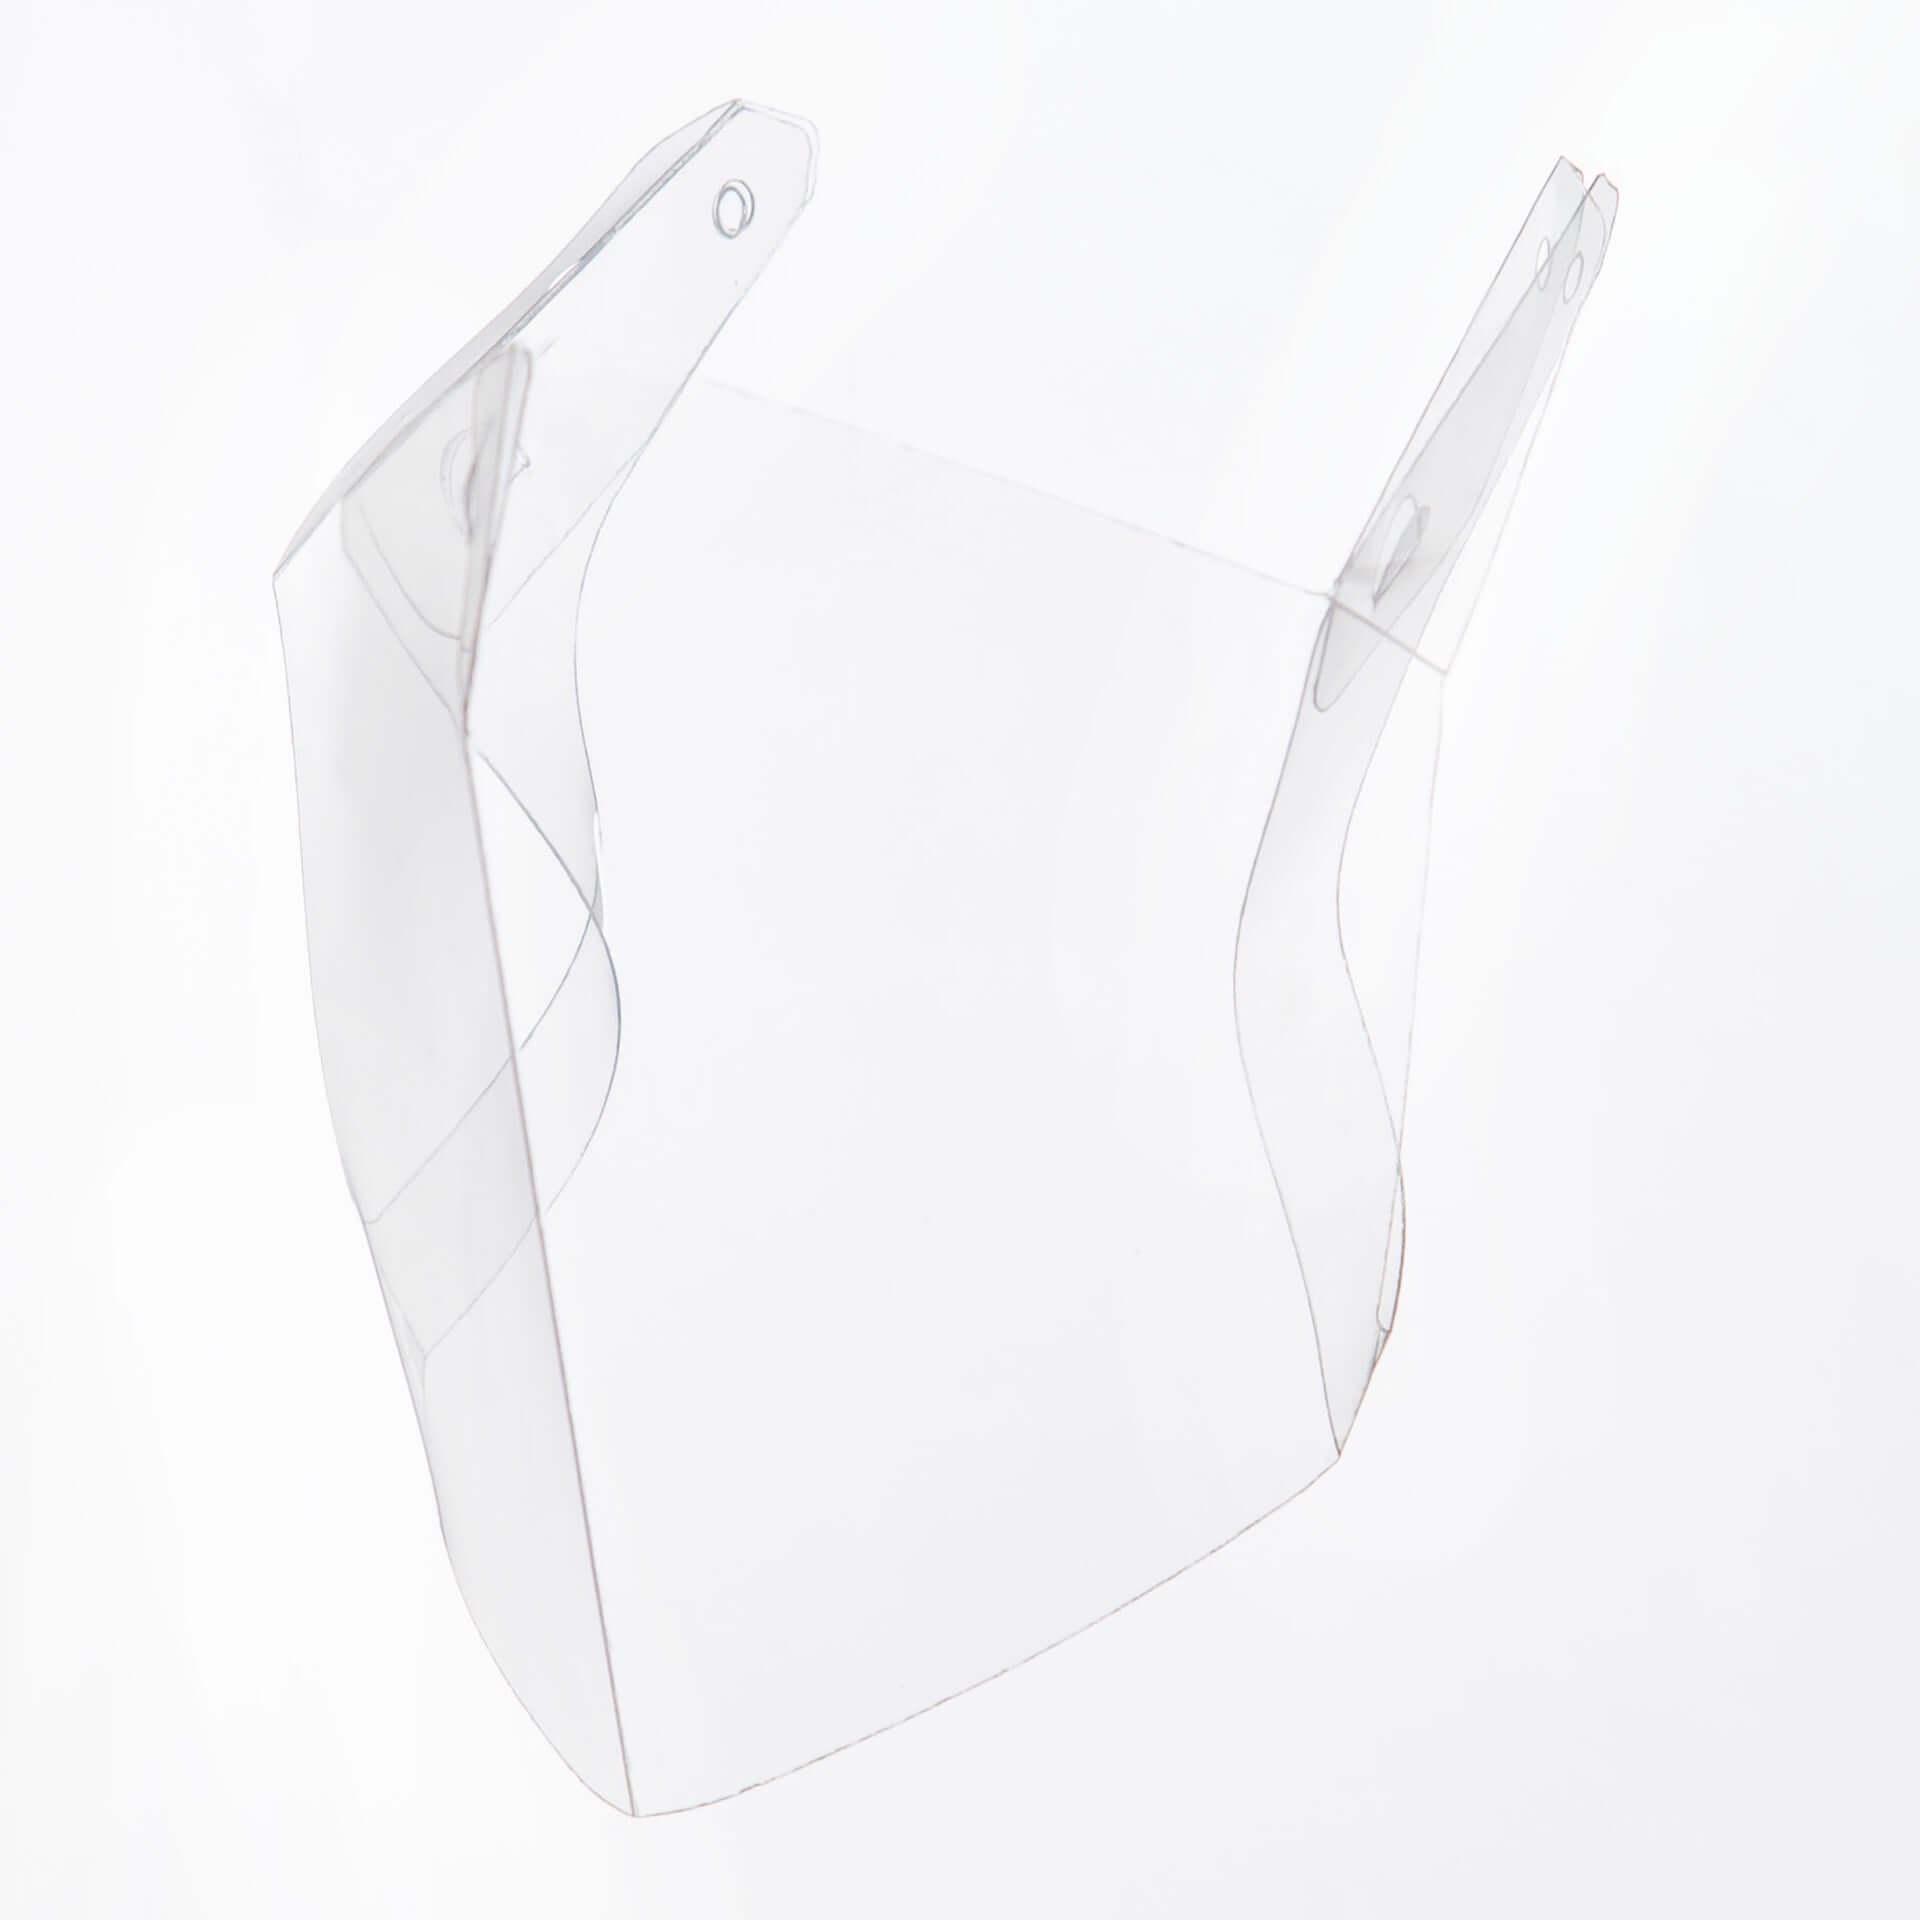 夏でも快適な次世代型マスク『超軽量 立体透明エチケットマスク』が発売開始! life200708_flatbitstudio_mask_17-1920x1920